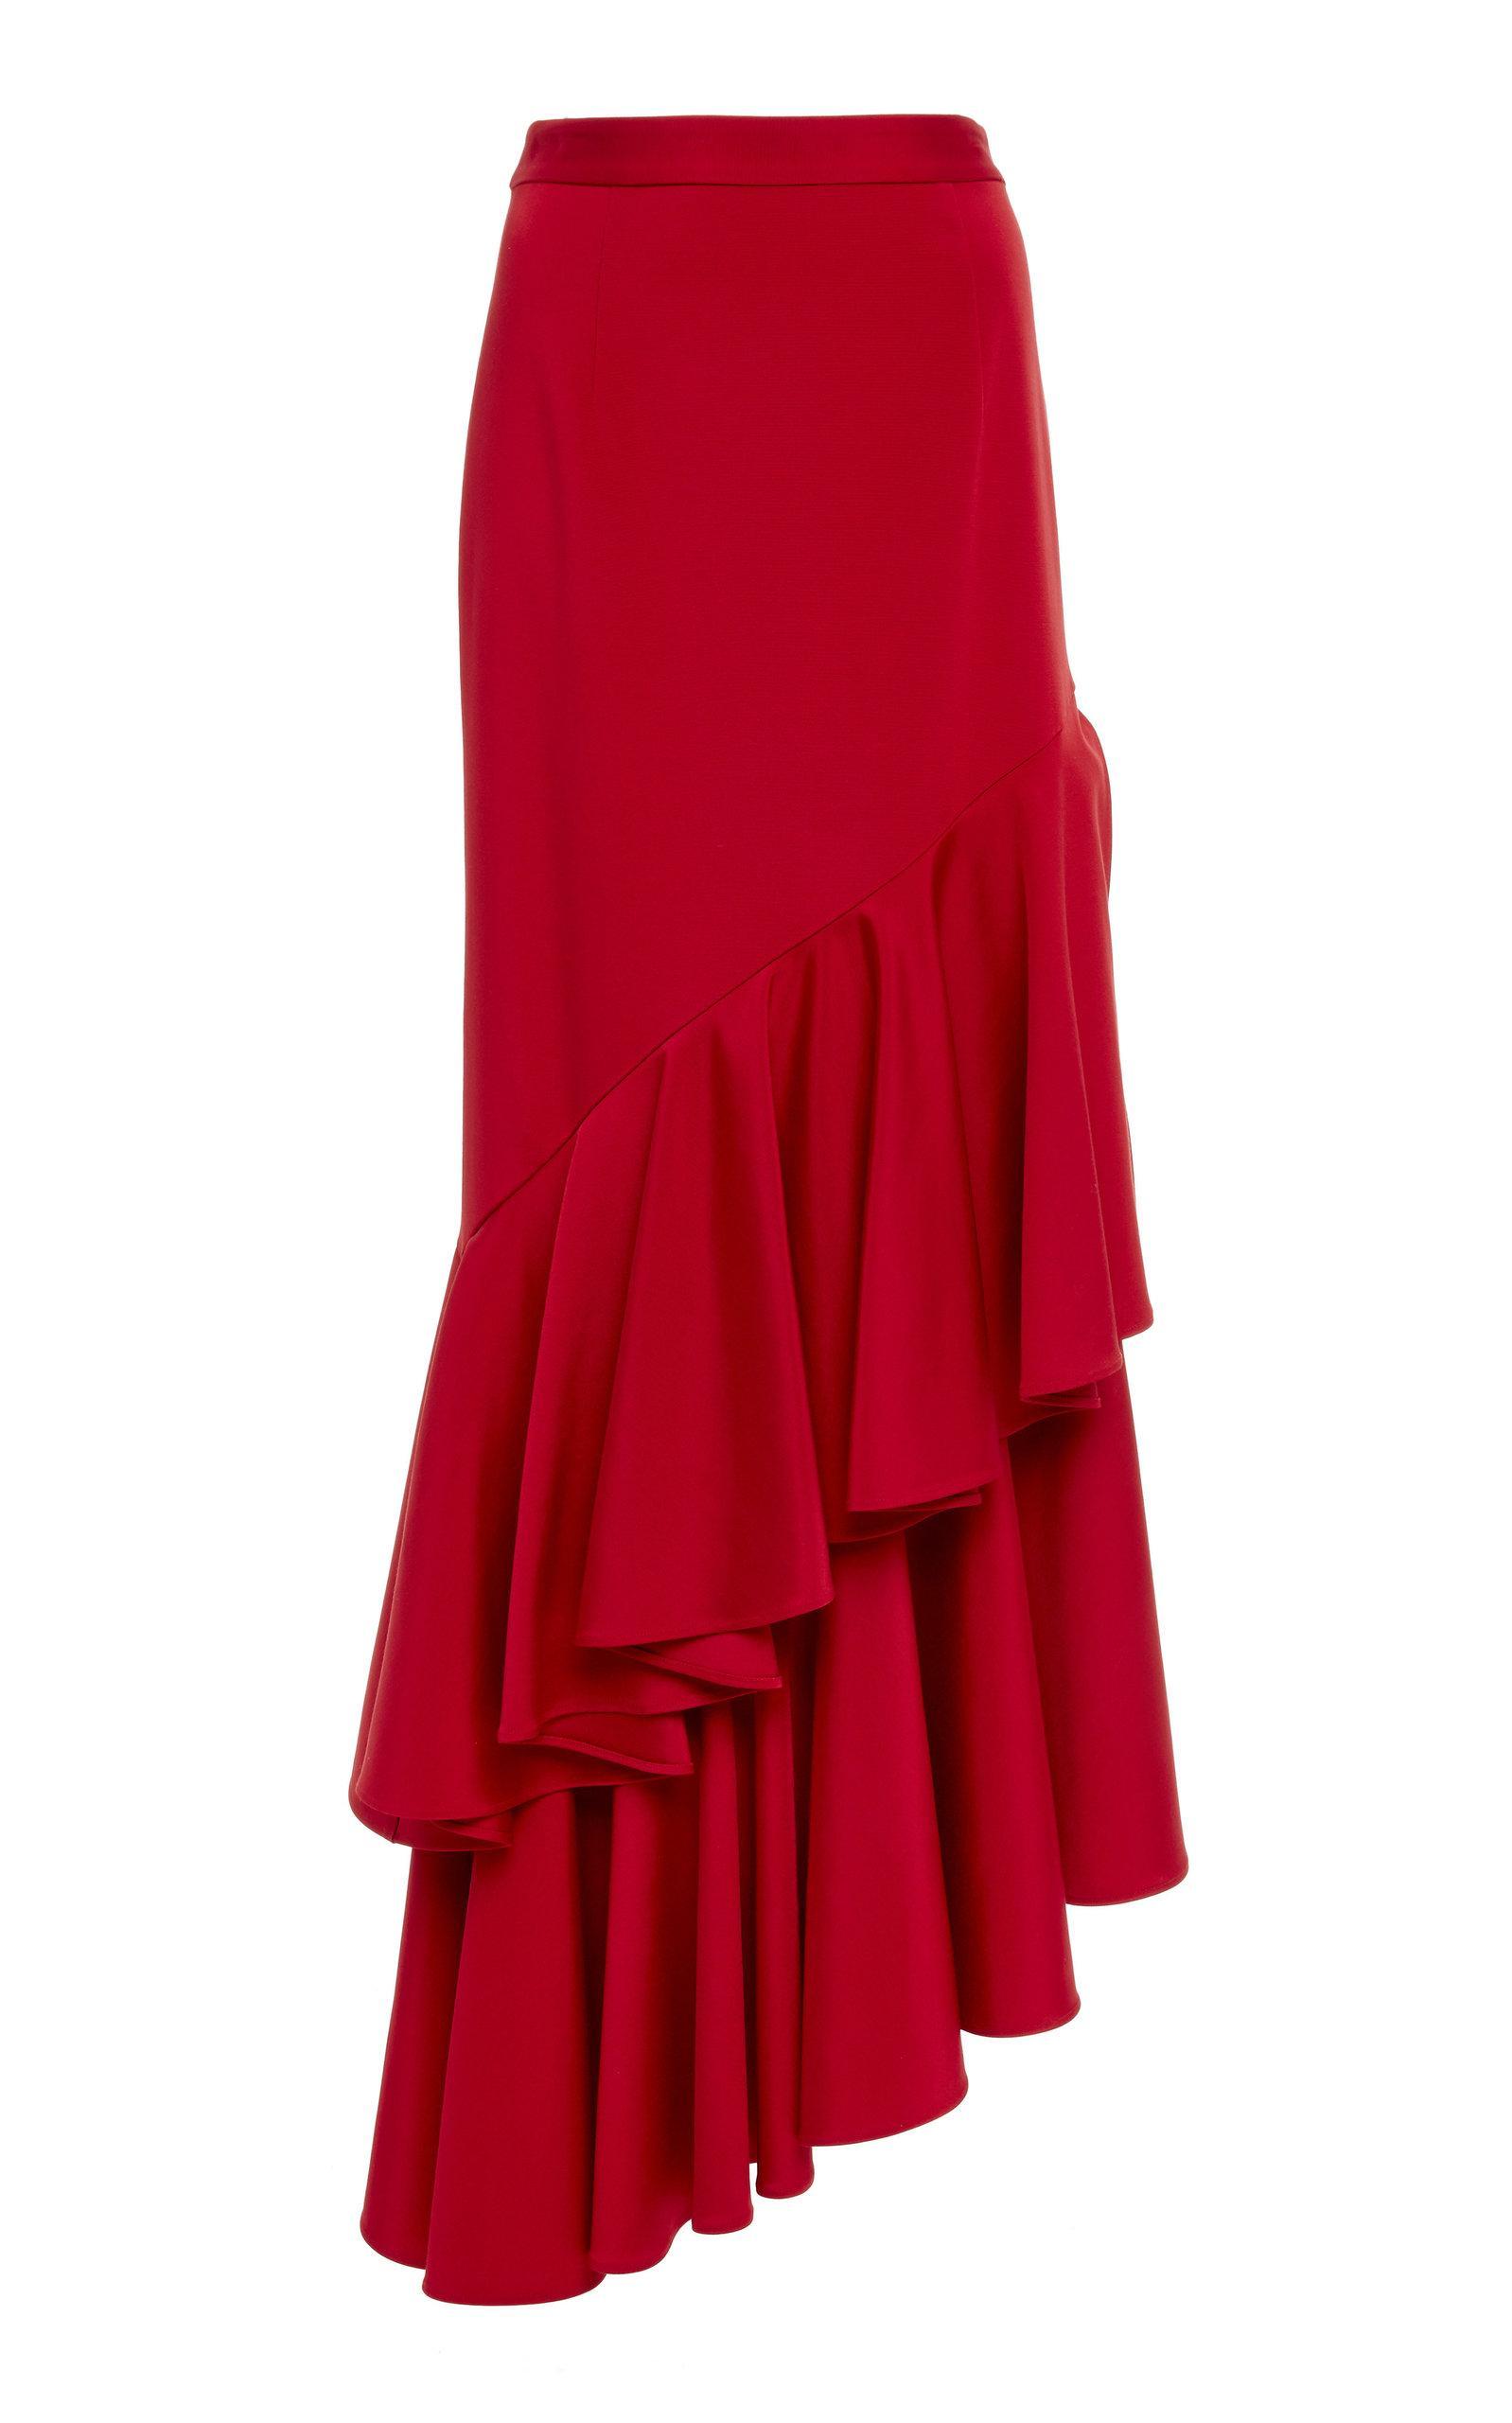 Hellessy Poppy Ruffle Skirt In Red